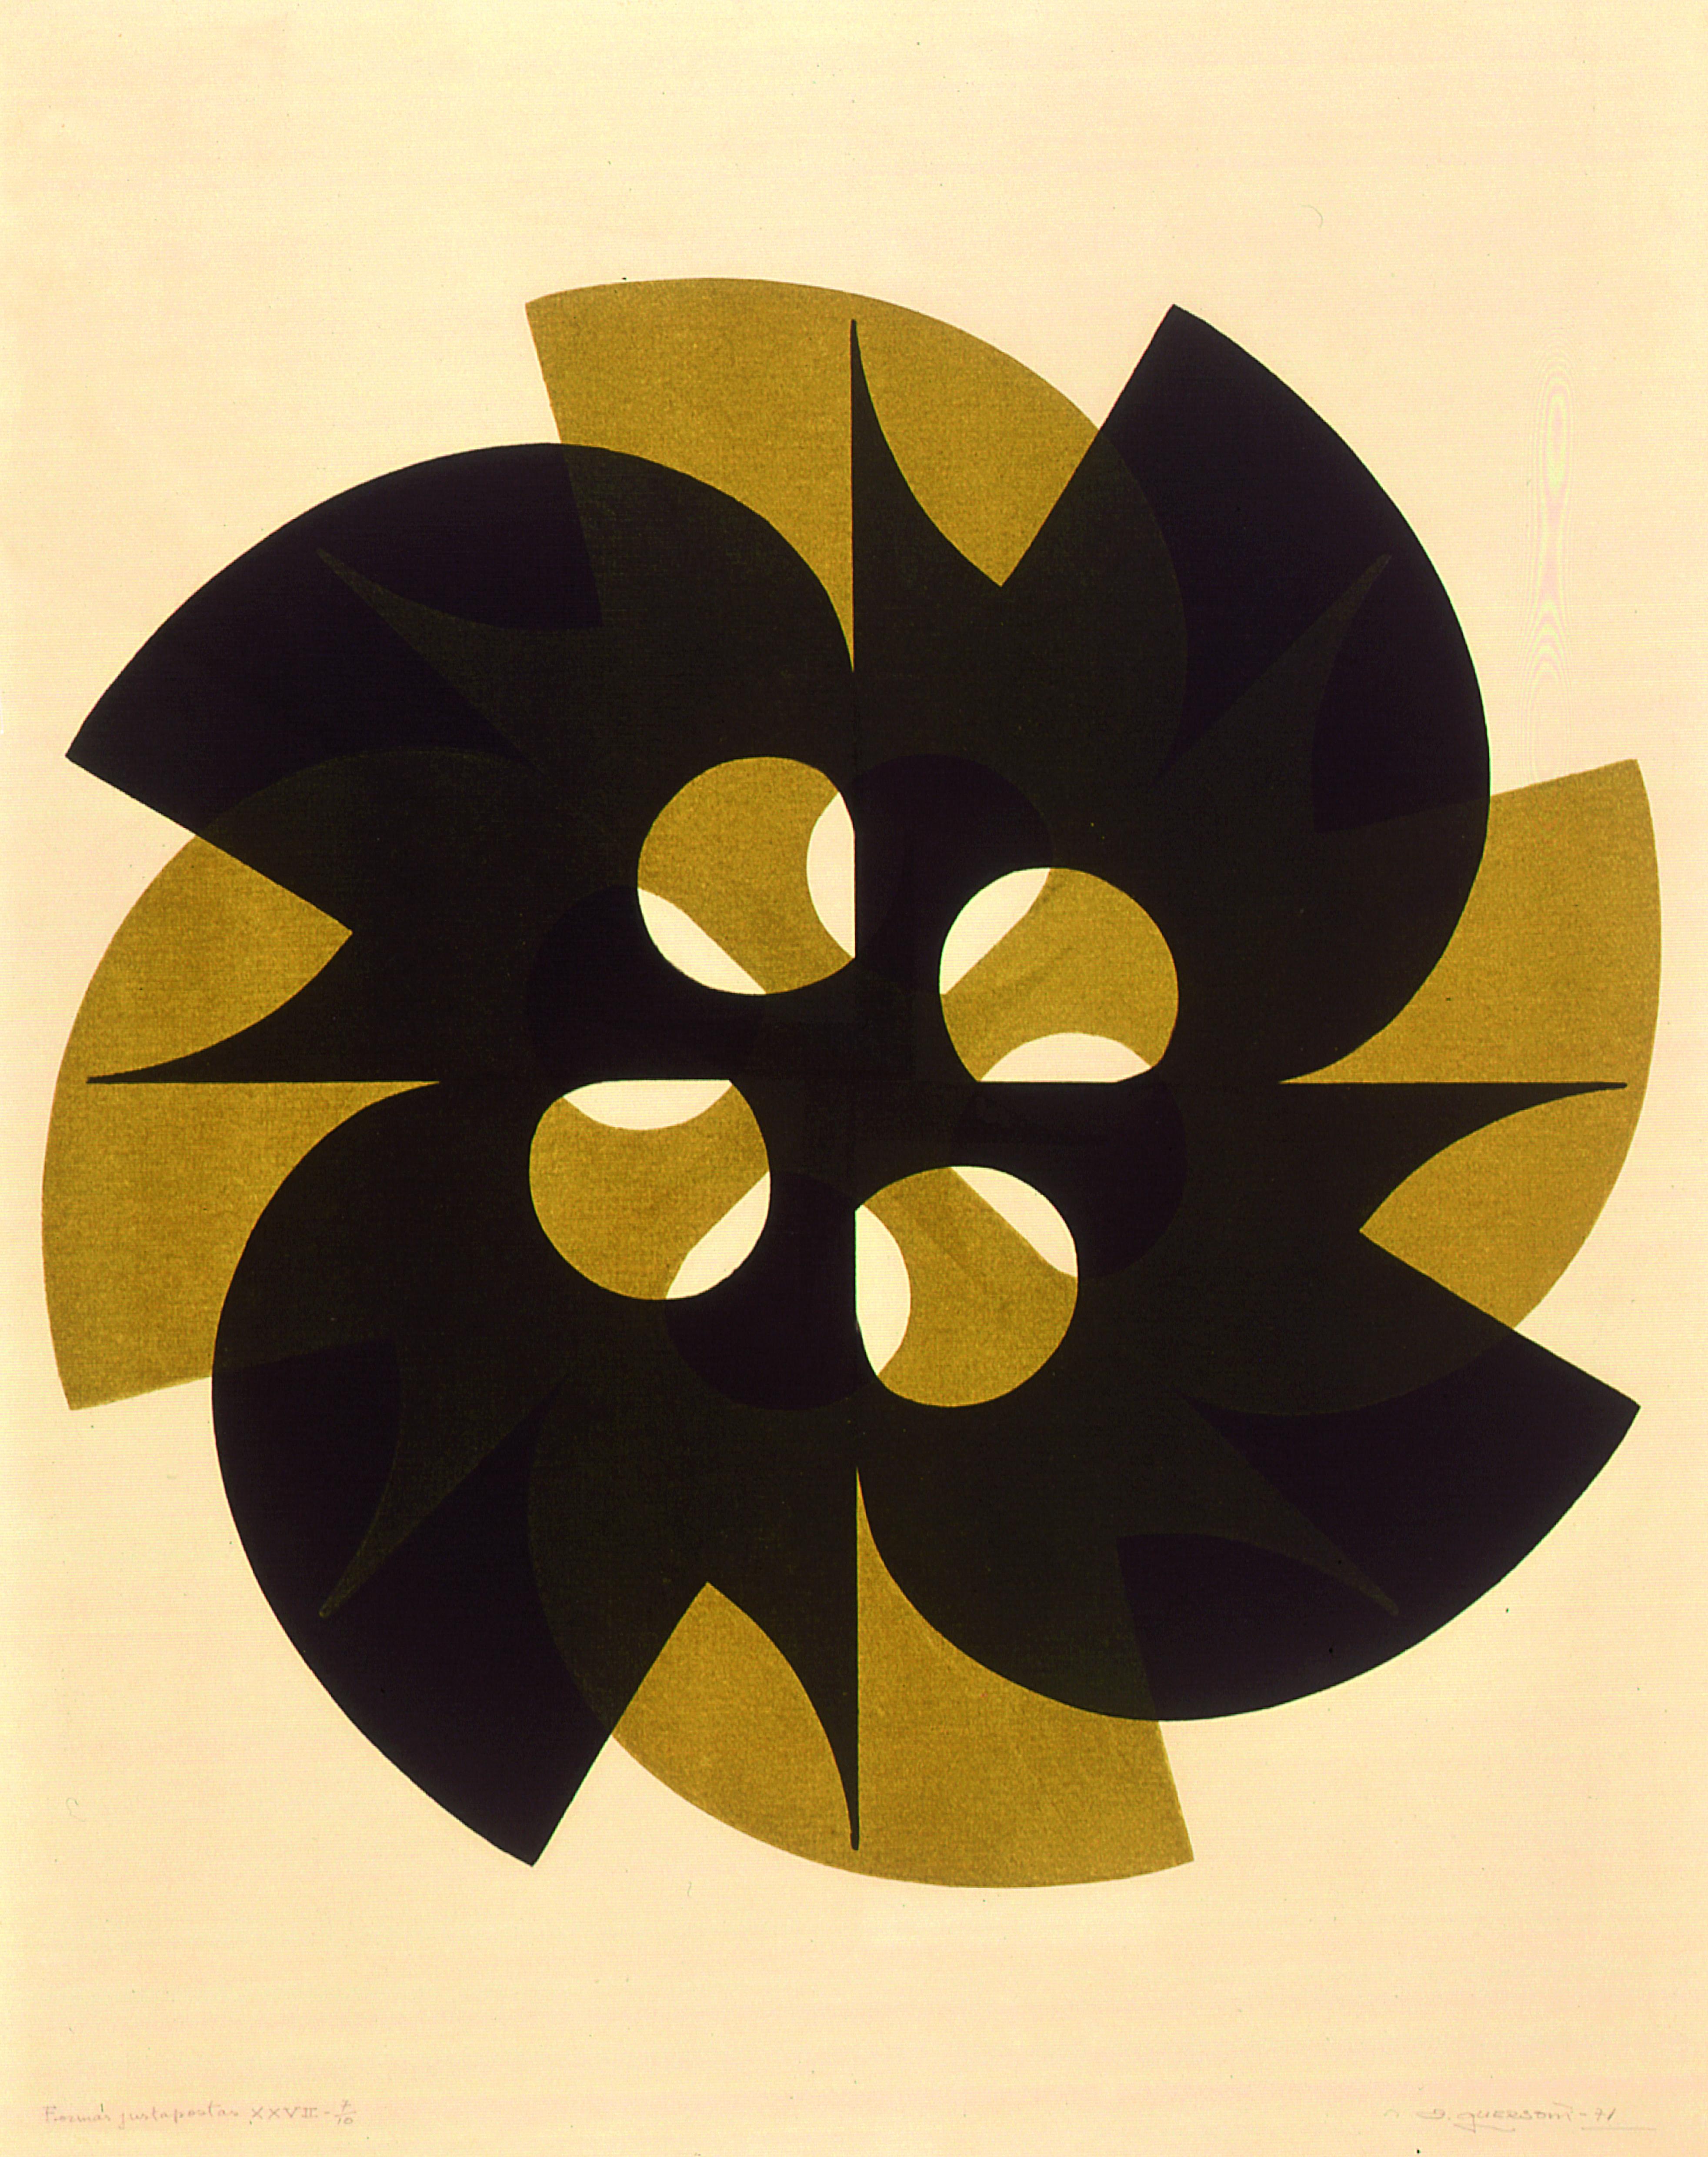 Formas Justapostas Autor: Odetto Guersoni Ano:1971 Técnica: Serigrafia Dimensão:78cm x 63cm